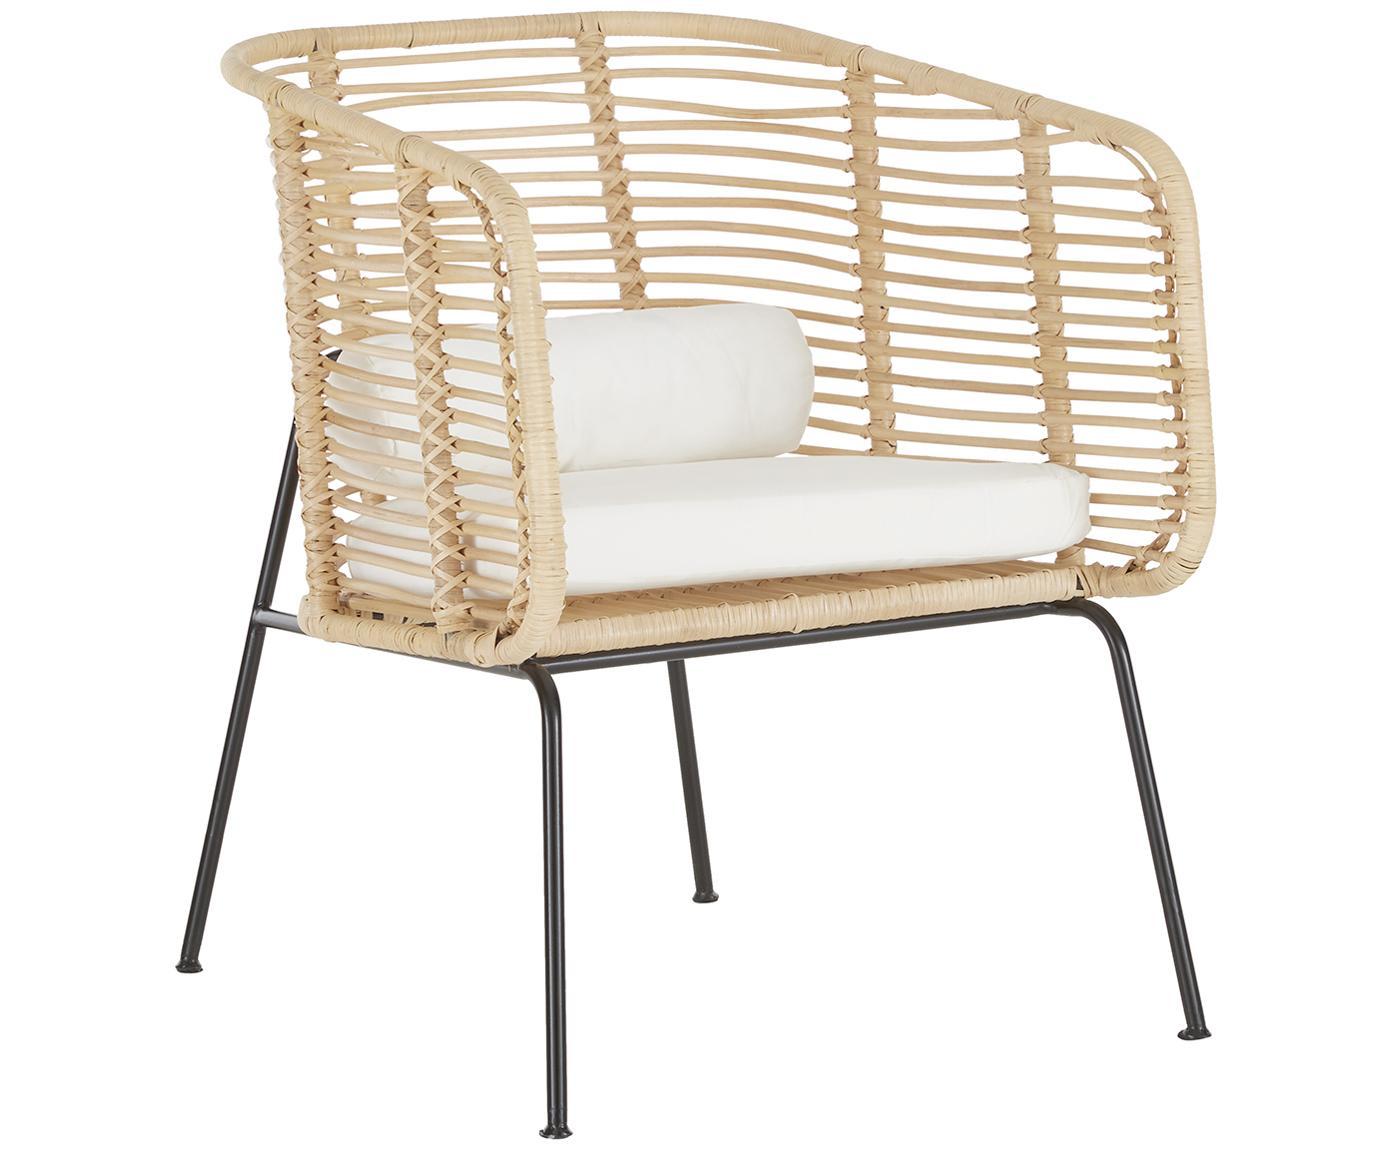 Rattan-Loungestuhl Merete, Sitzfläche: Rattan, Gestell: Metall, pulverbeschichtet, Sitzfläche: RattanGestell: Schwarz, mattKissenhüllen: Weiss, B 72 x T 74 cm